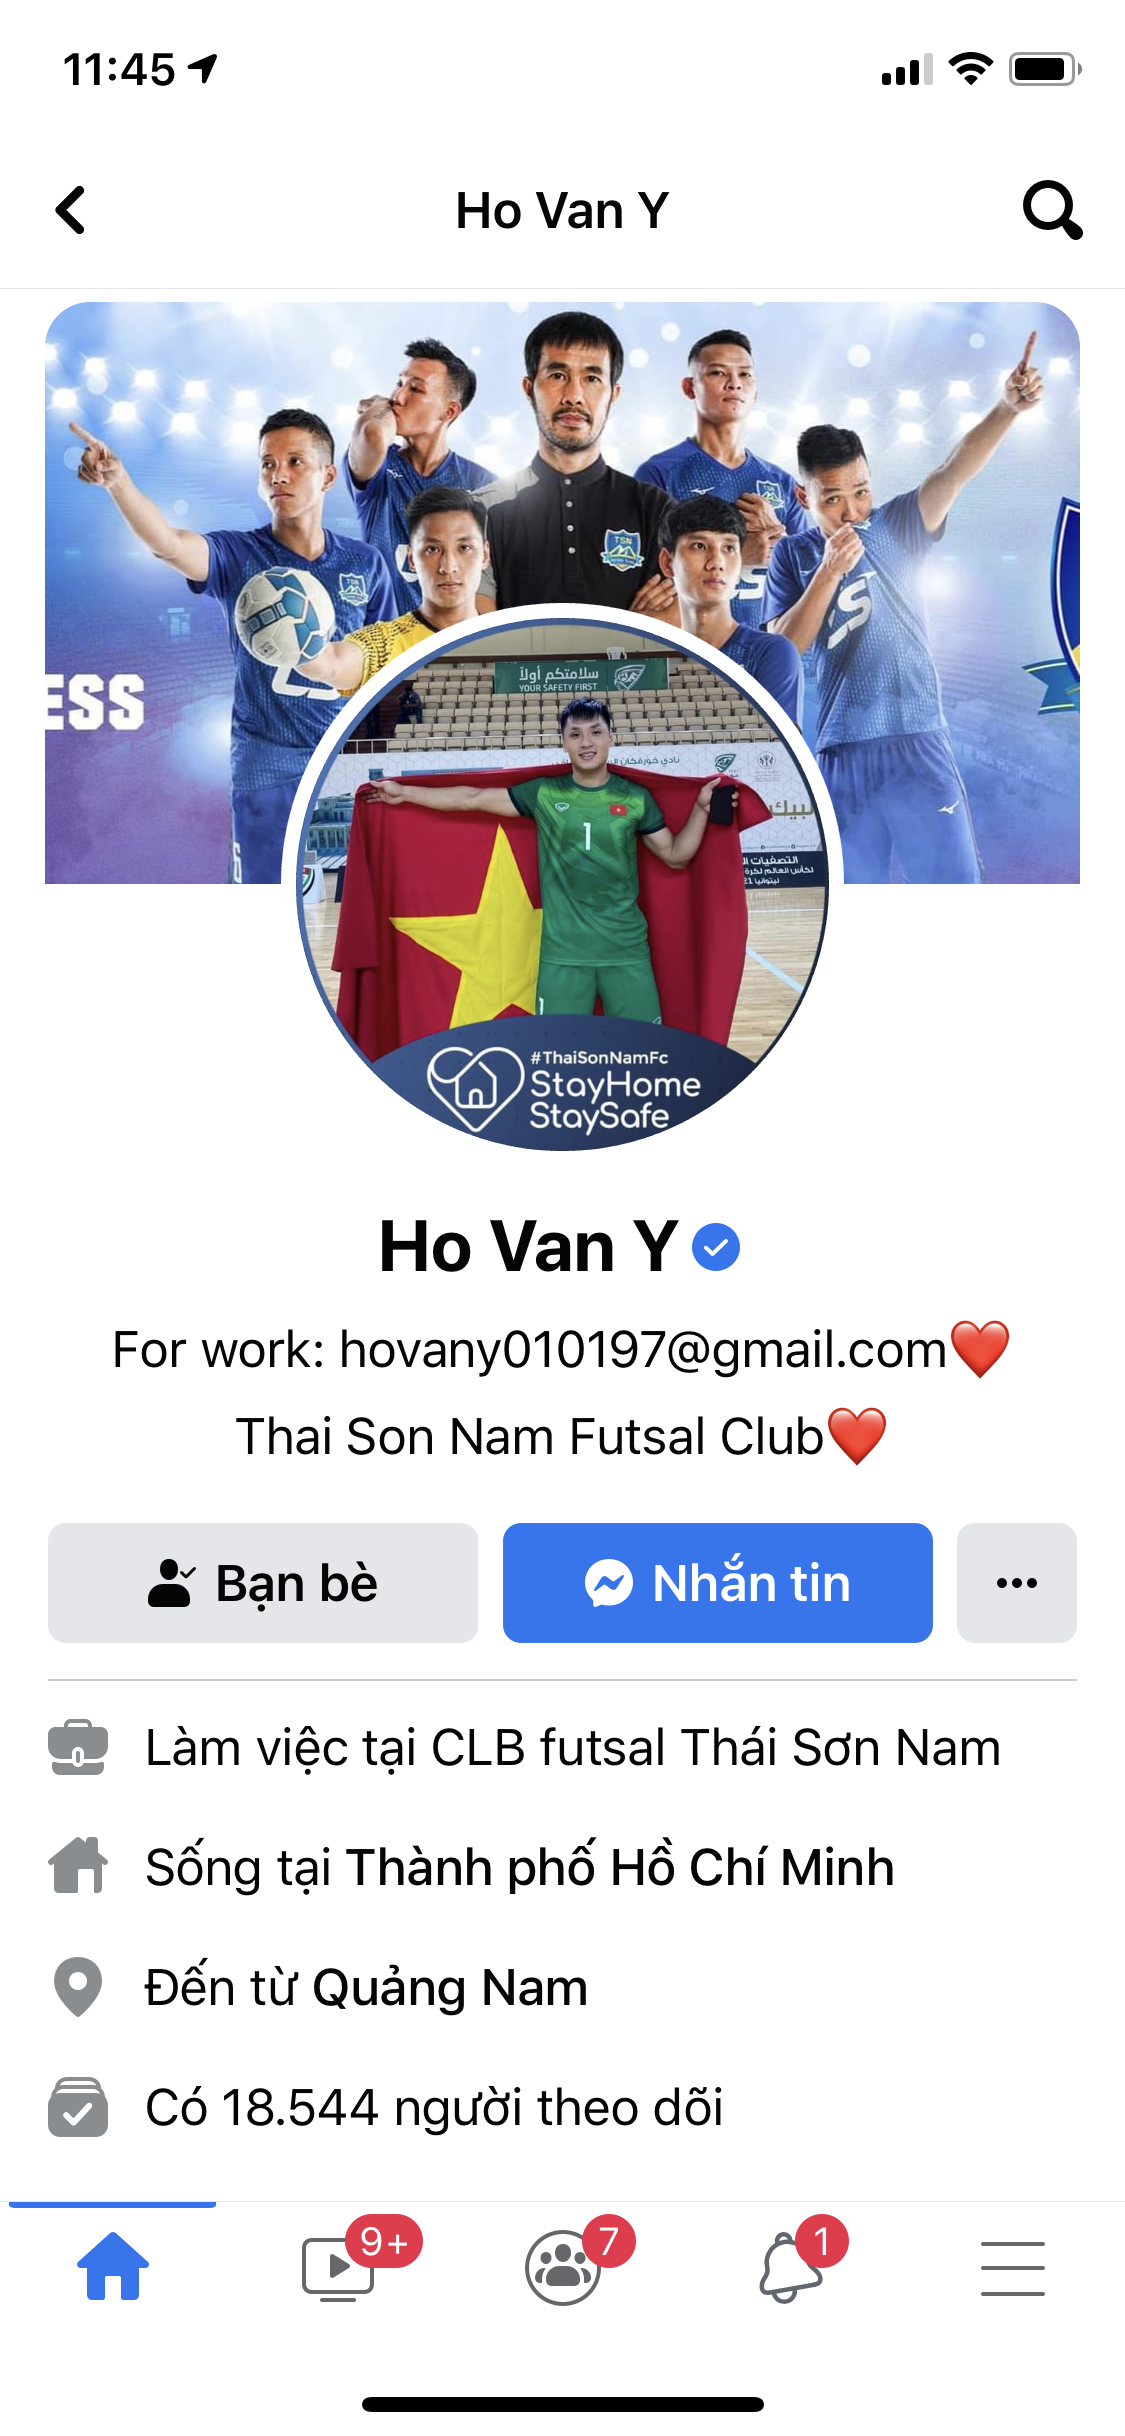 Vào đến vòng 16 đội World Cup 2021, các tuyển thủ futsal Việt Nam vẫn chỉ có lượt theo dõi khiêm tốn trên mạng xã hội - ảnh 1